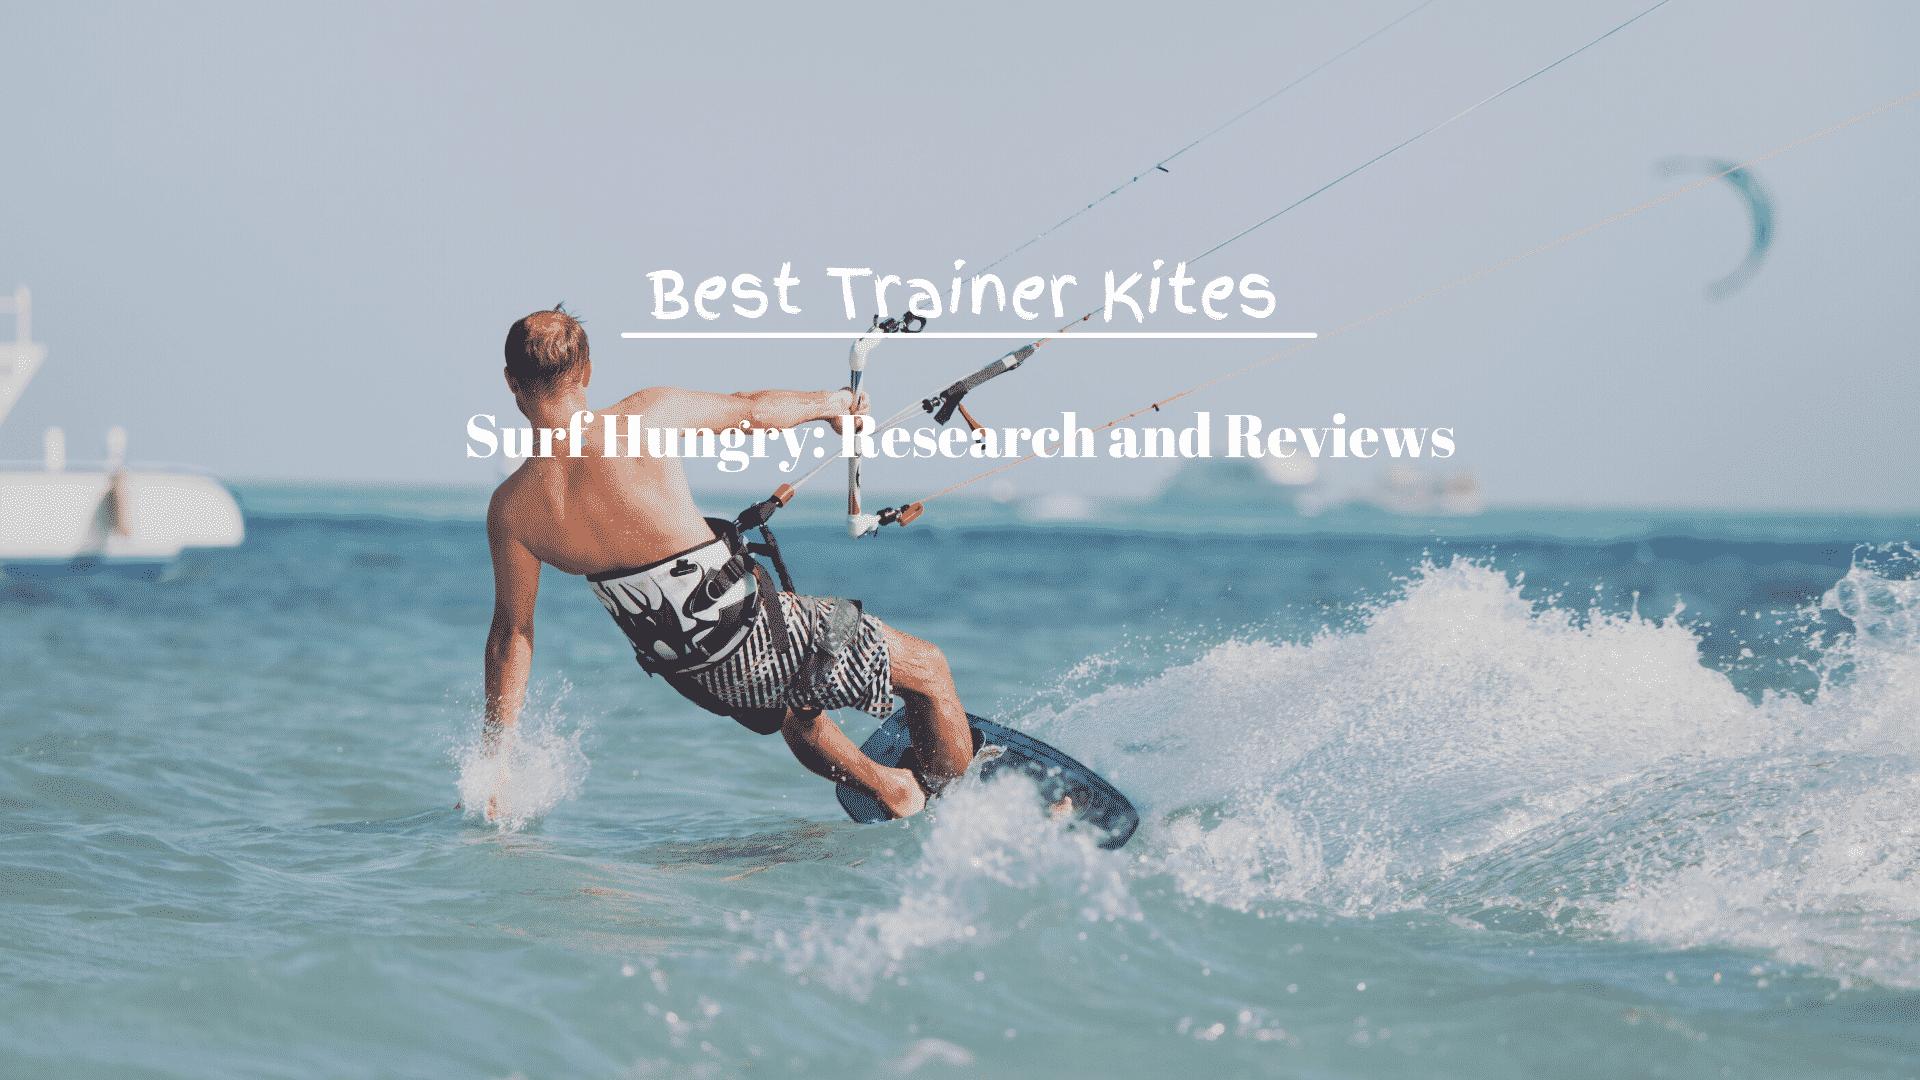 Best Trainer Kites